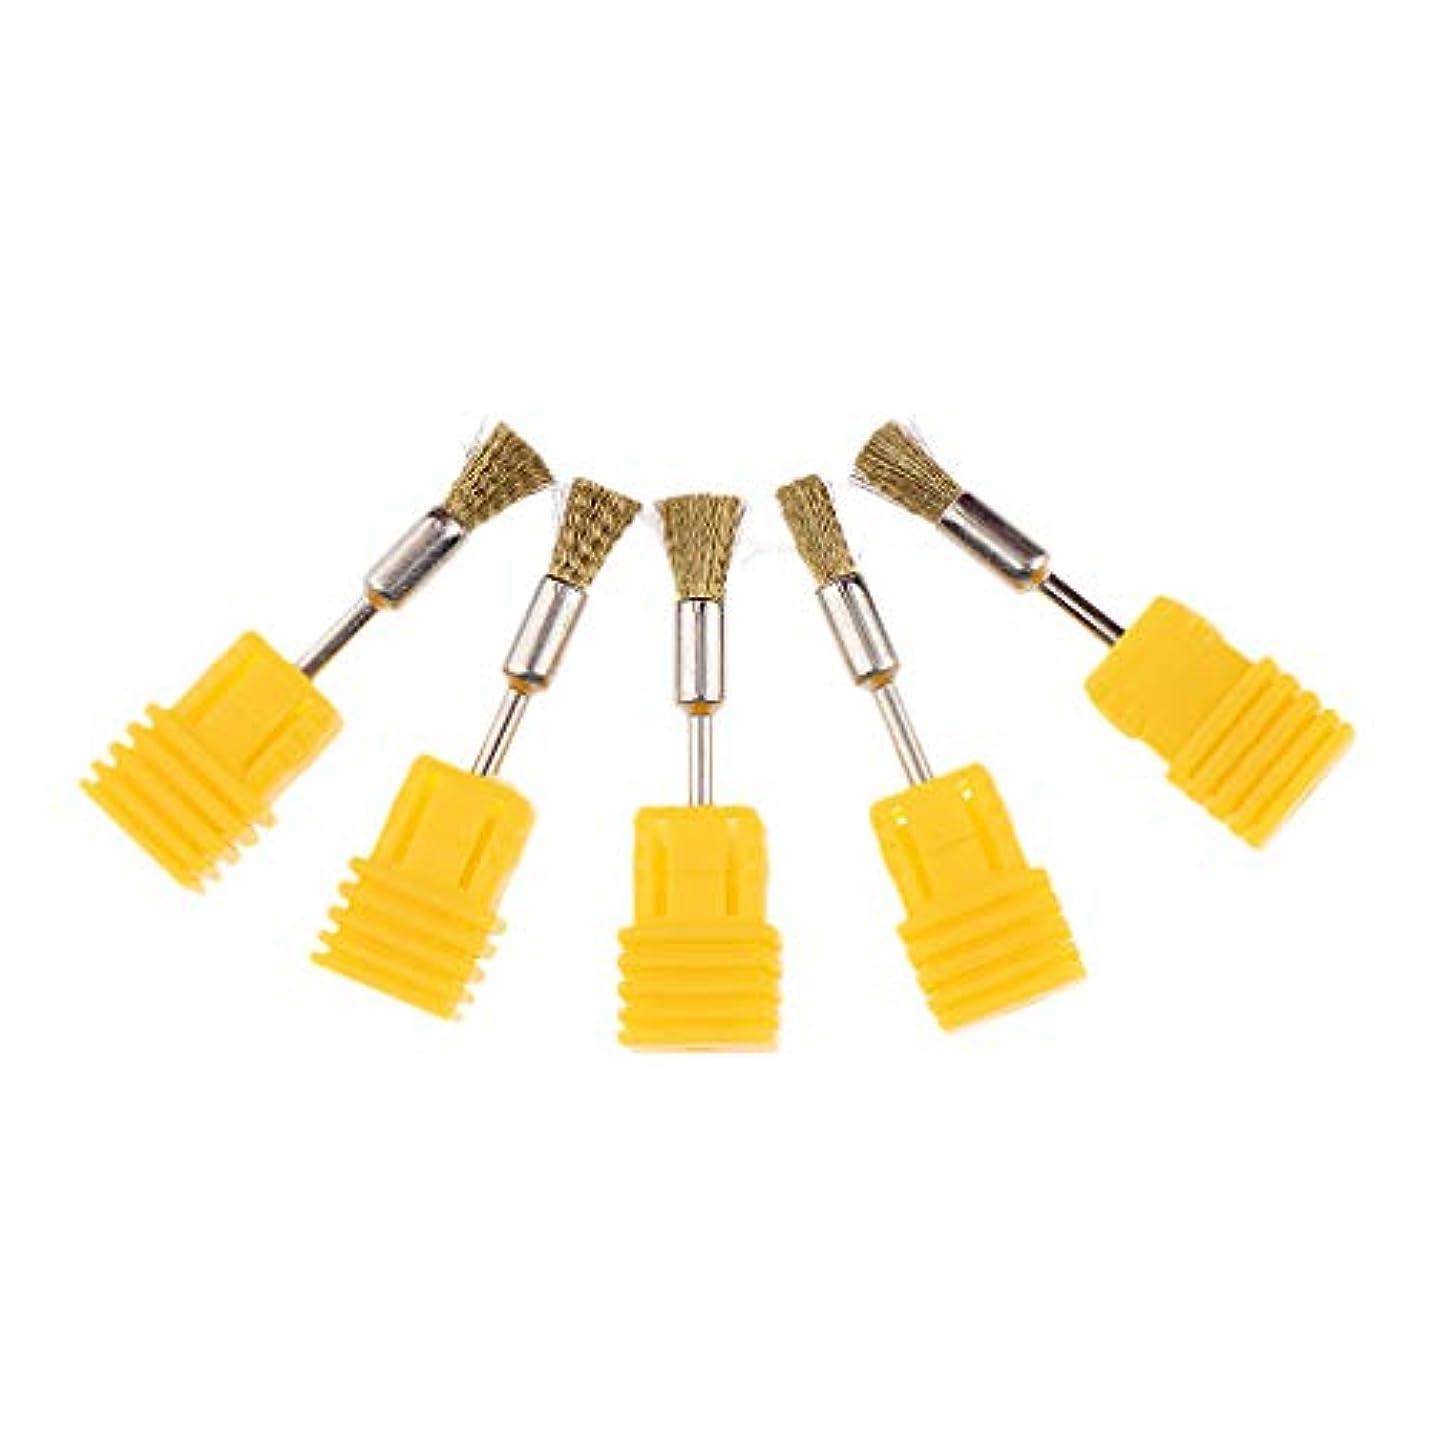 分散引き渡すギャップ5パックネイルドリルビットクリーニングブラシセットマニキュアファイル電気ビットダストクリーナーブラシ、黄色